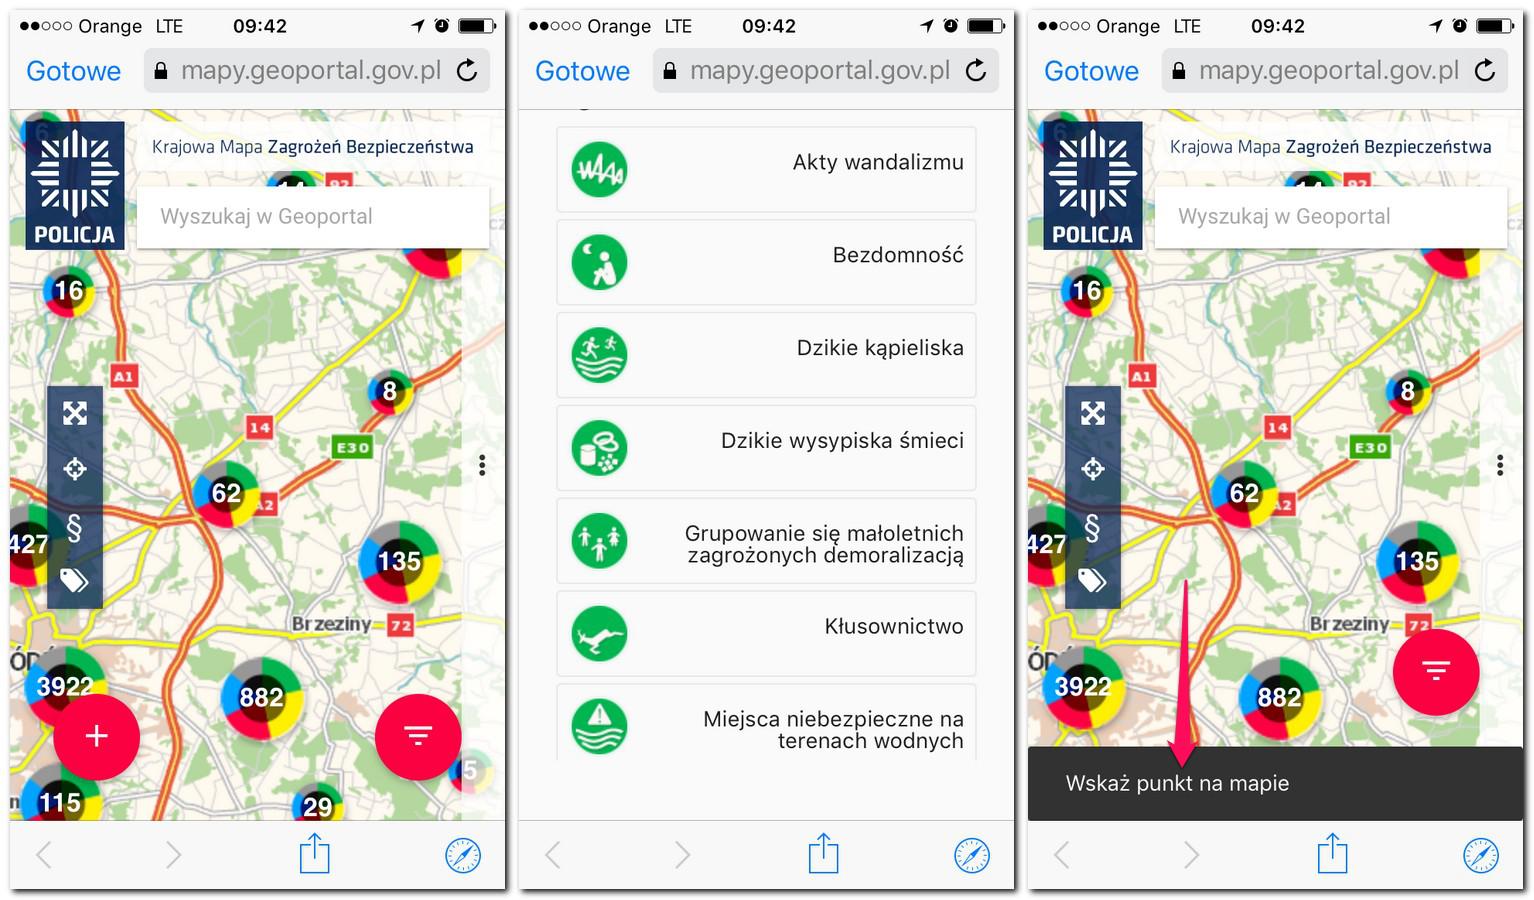 Krajowa Mapa Zagrożeń Bezpieczeństwa - screenshot ze smartfonu